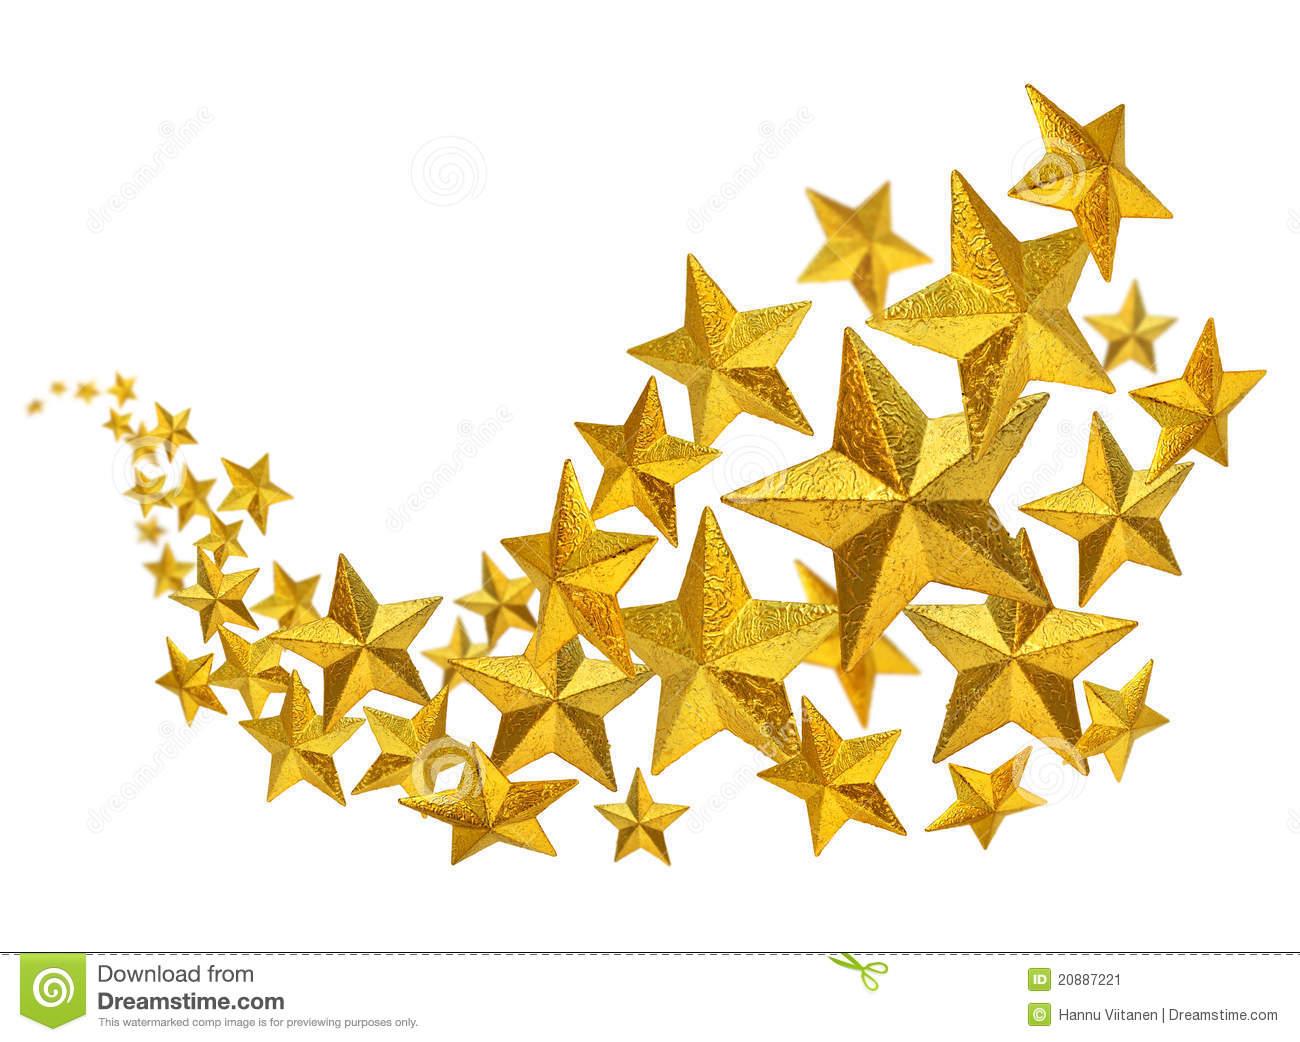 Goldene Sterne Fließen Stockbild. Bild Von Hintergrund innen Goldene Weihnachtssterne